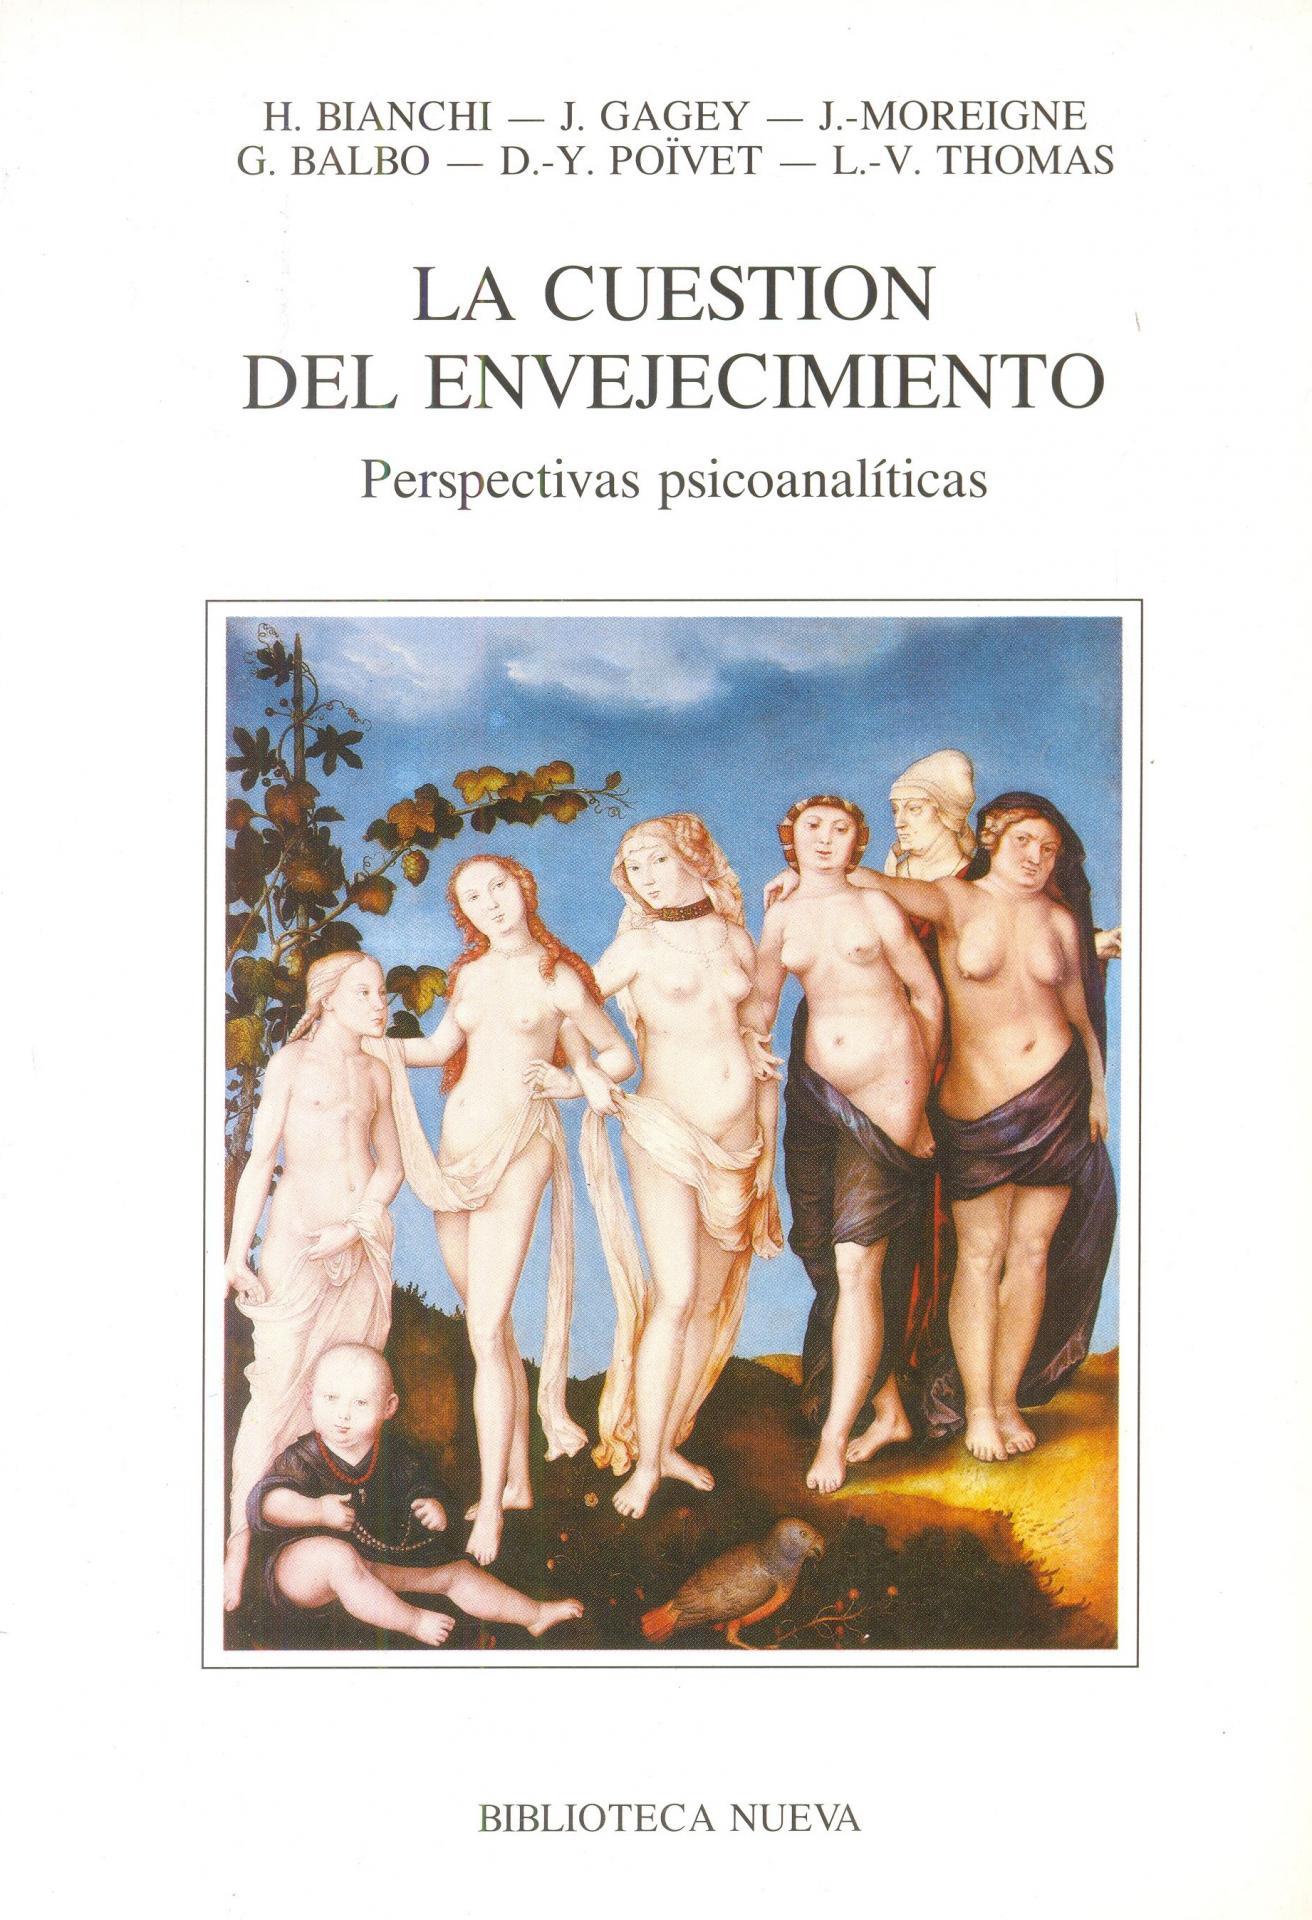 LA CUESTIÓN DEL ENVEJECIMIENTO. Perspectivas psicoanalíticas. Bianchi, H; Gagey, J; Moreigne, J y otros.